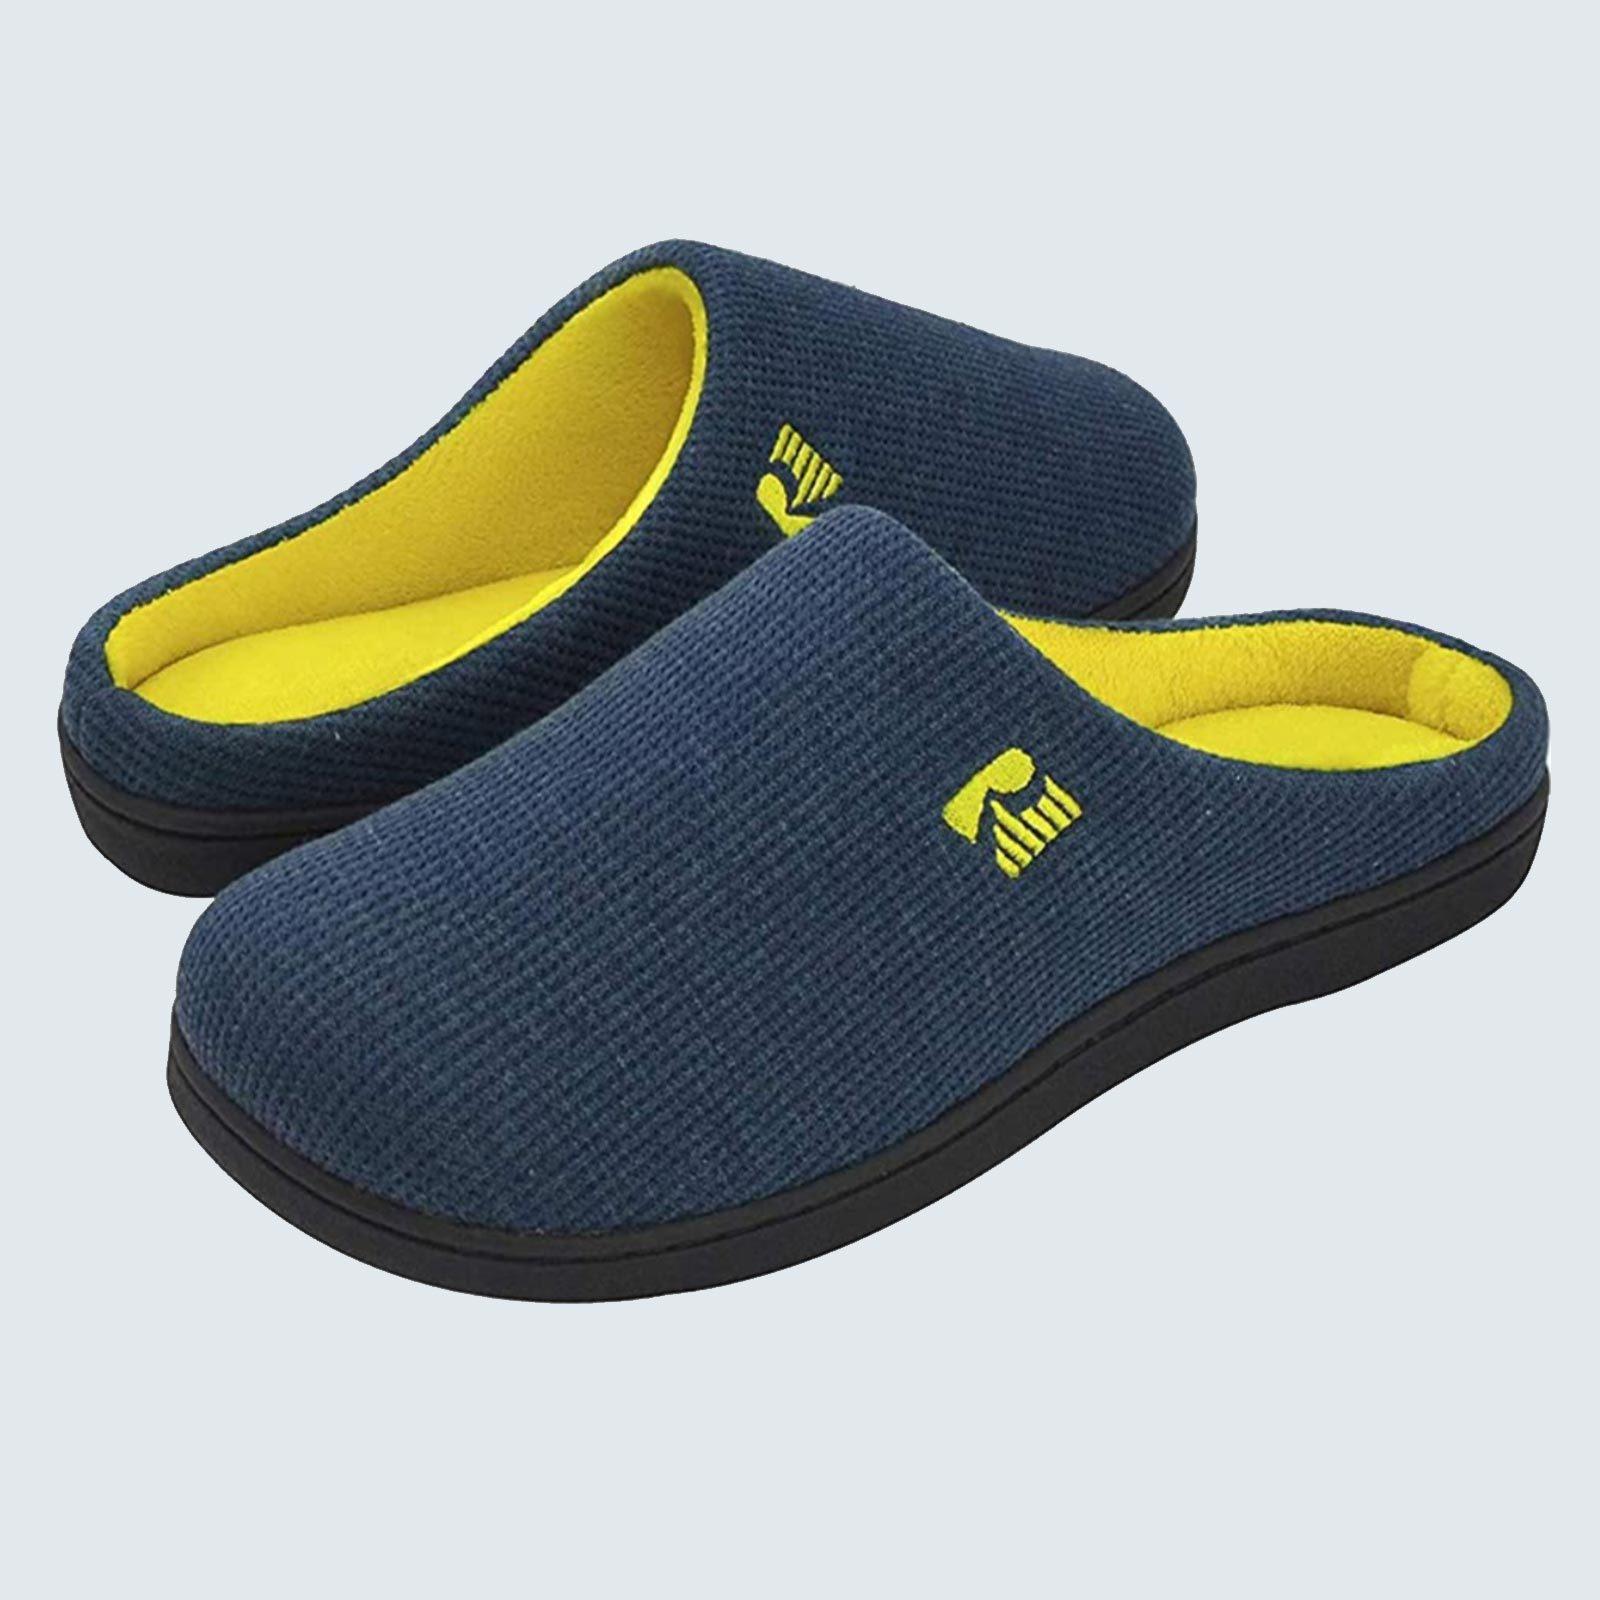 Best slippers for sweaty feet: RockDove Two-Toned Memory Foam Slipper